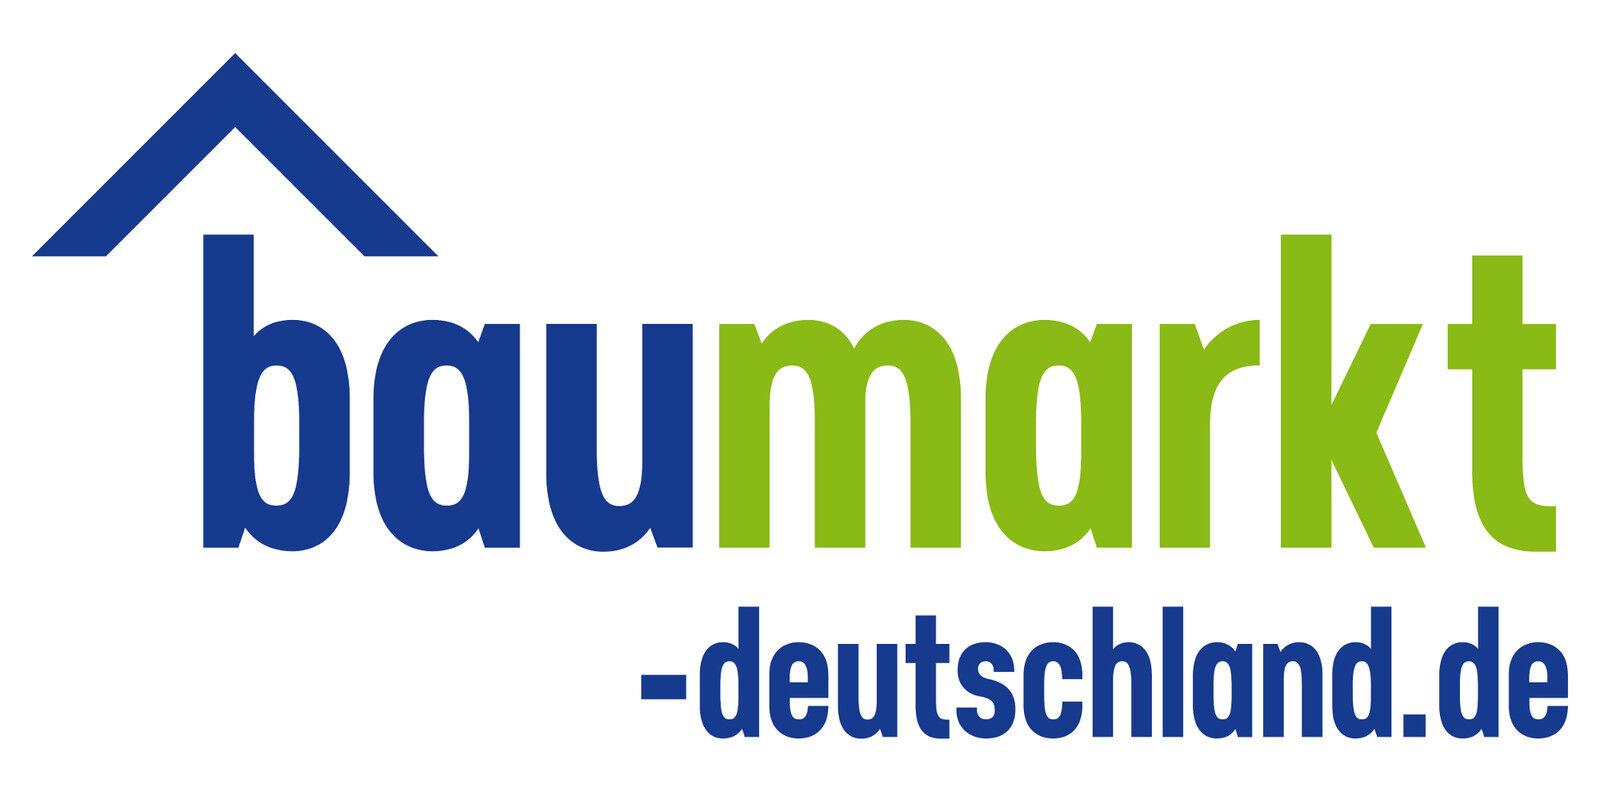 baumarkt-deutschland.de